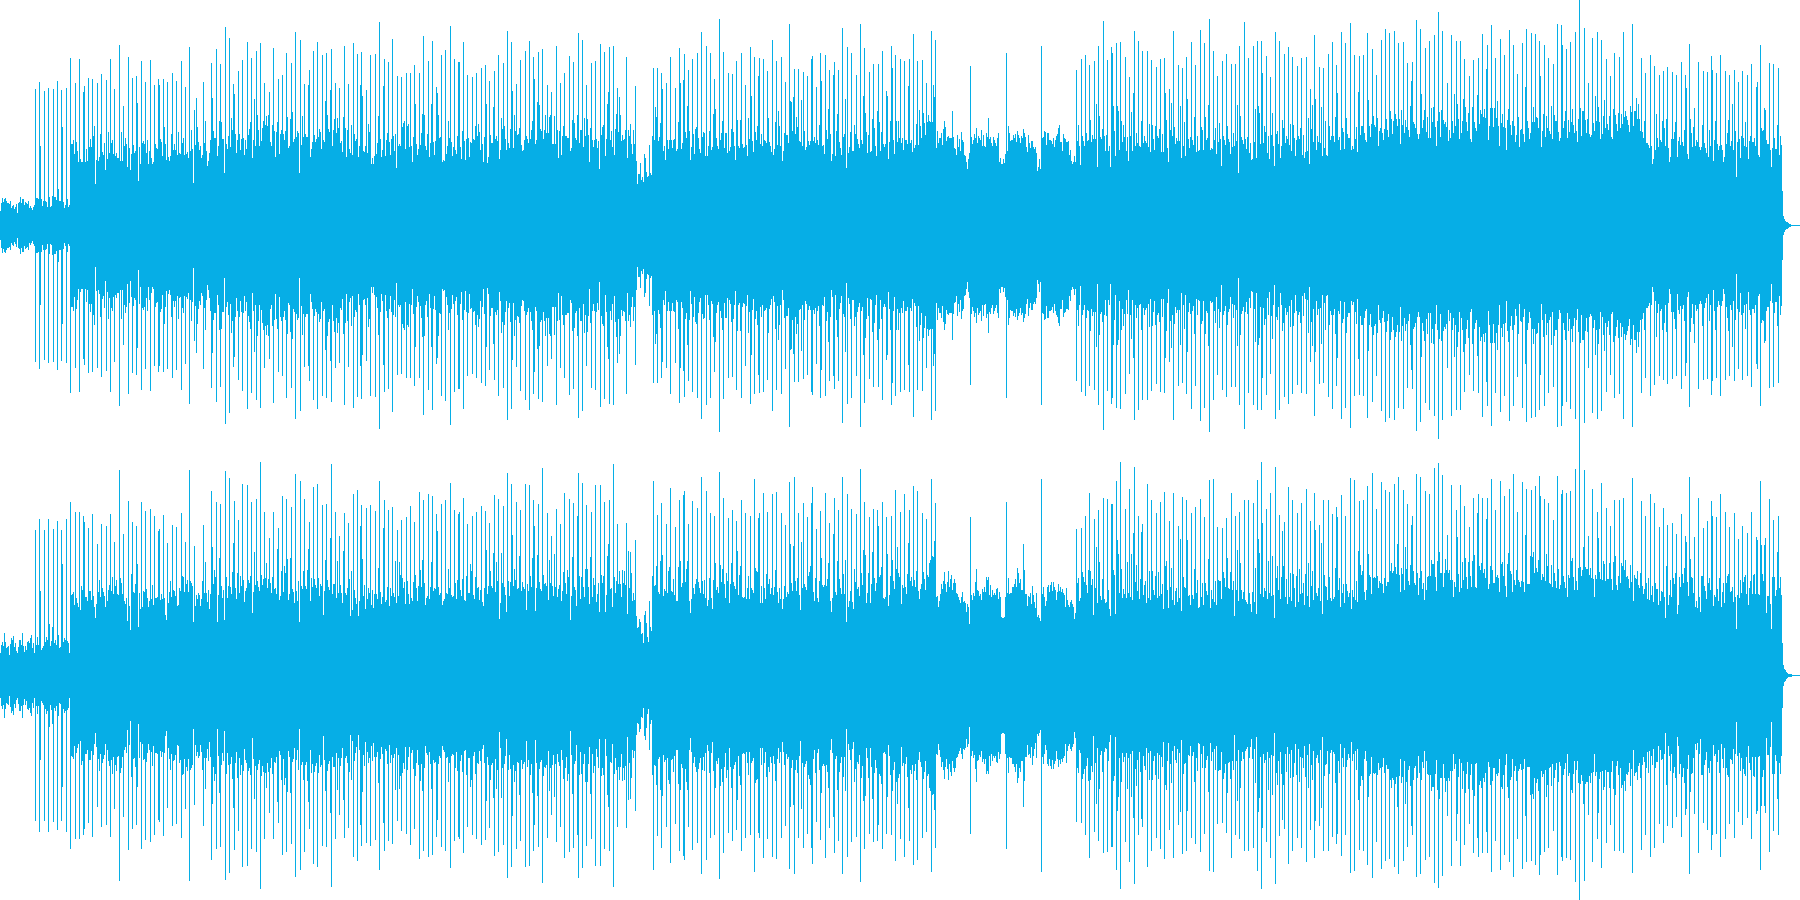 軽快なポップインストの再生済みの波形